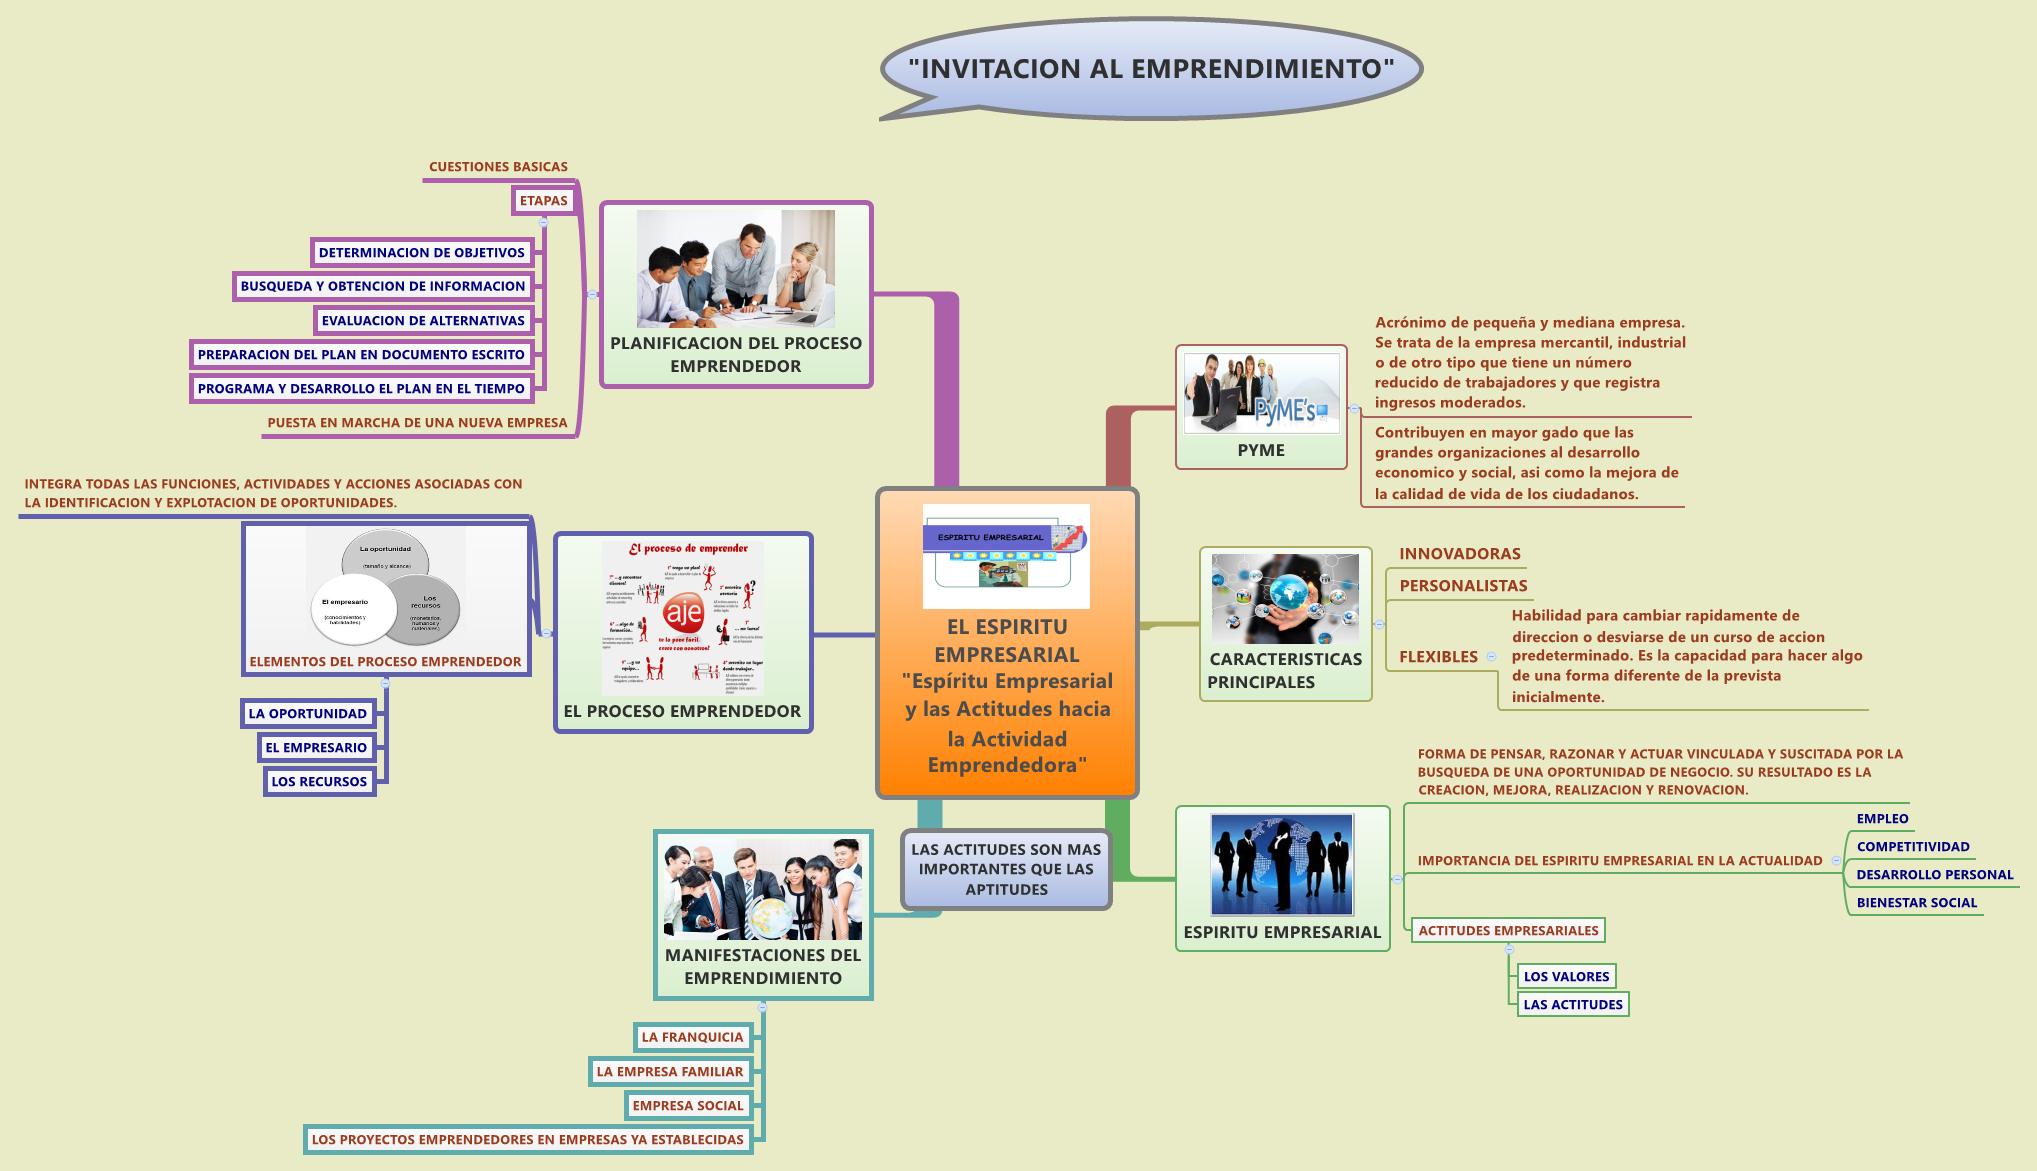 """EL ESPIRITU EMPRESARIAL """"Espíritu Empresarial y las Actitudes hacia la Actividad Emprendedora"""""""